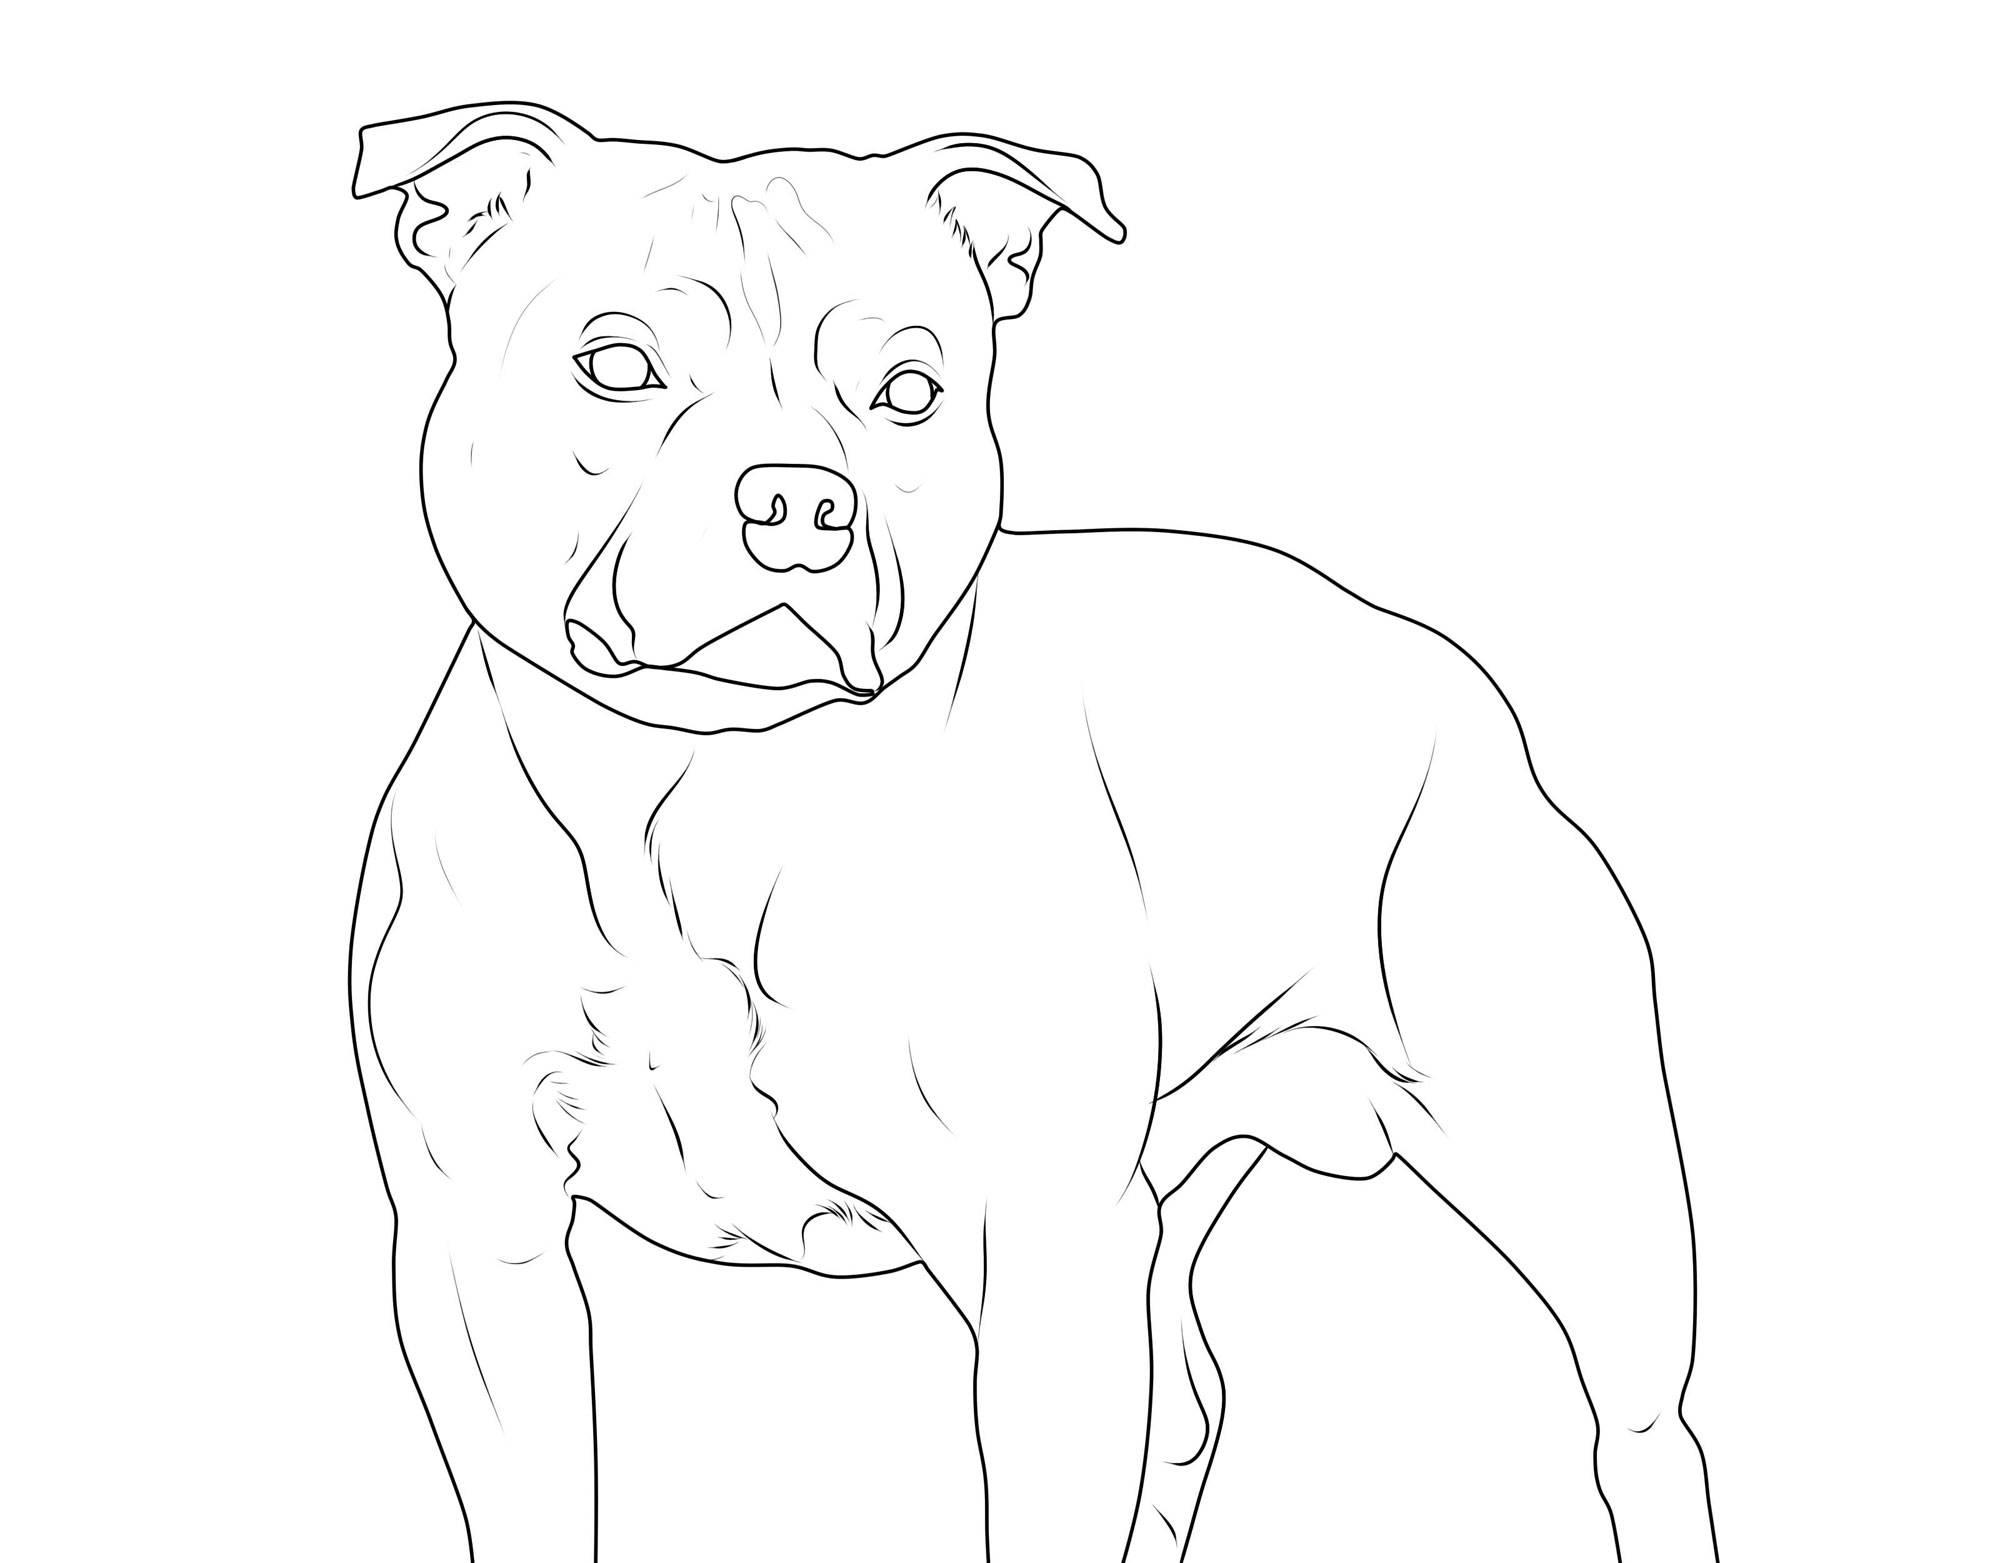 kostenlose malvorlage hunde: staffordshire bullterrier zum